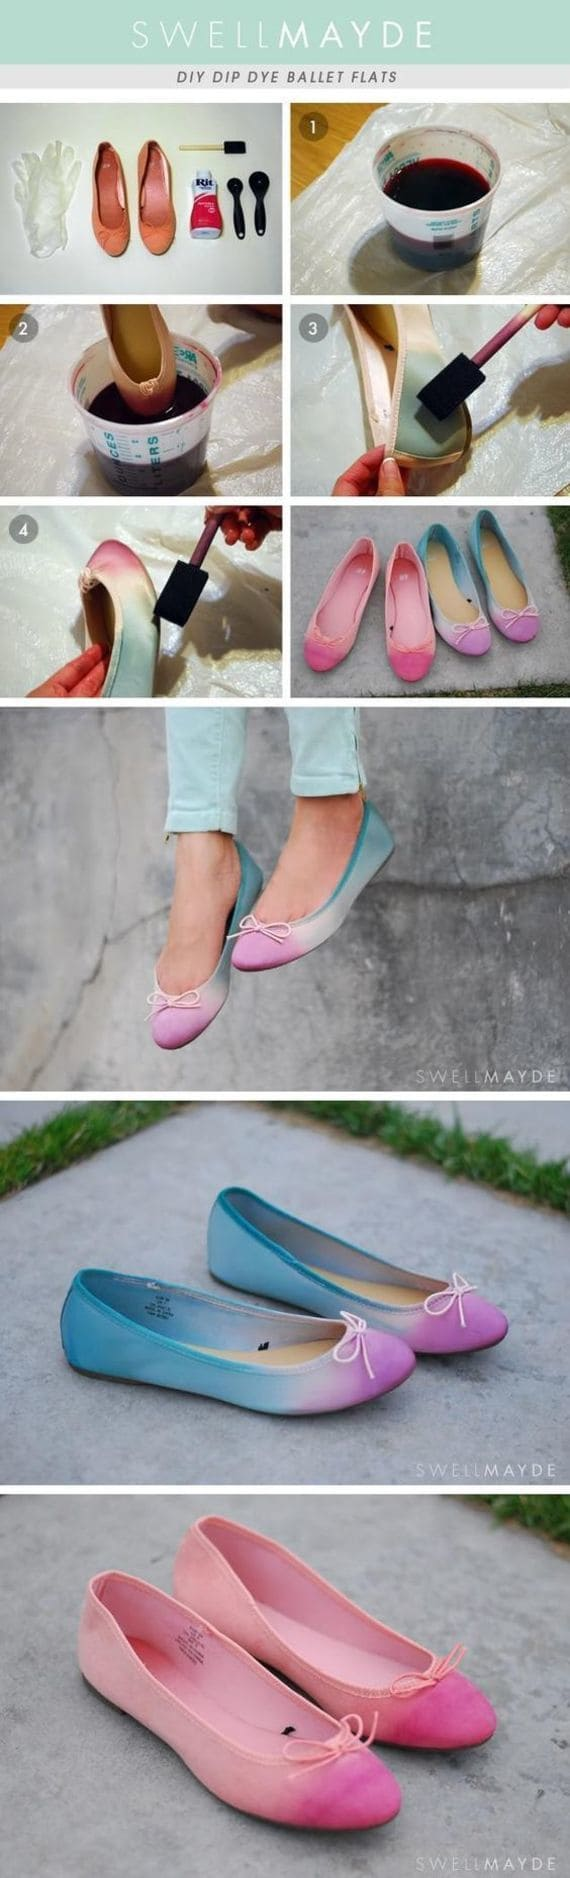 Переделки обуви своими руками